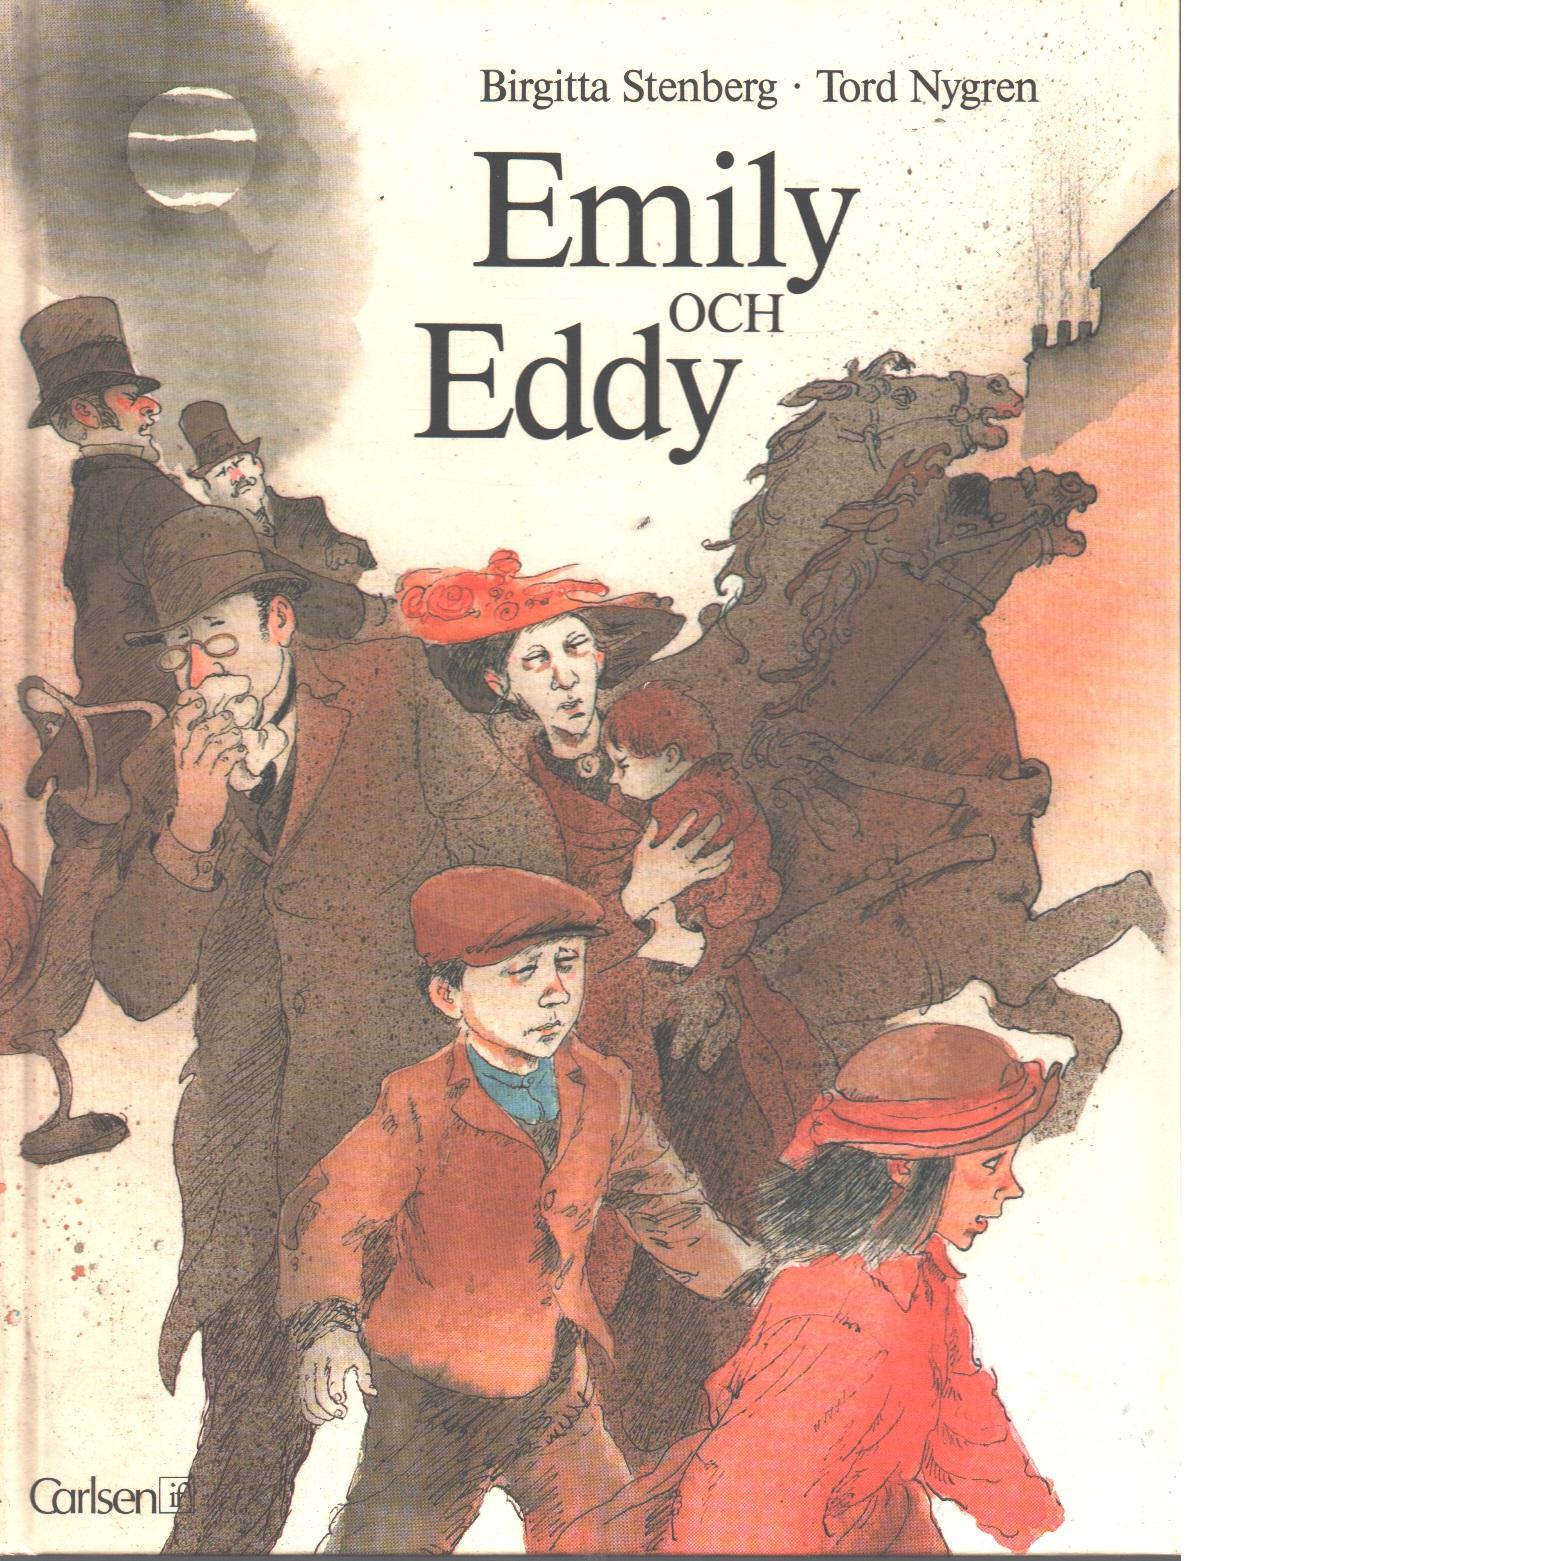 Emily och Eddy - Stenberg, Birgitta och Nygren, Tord